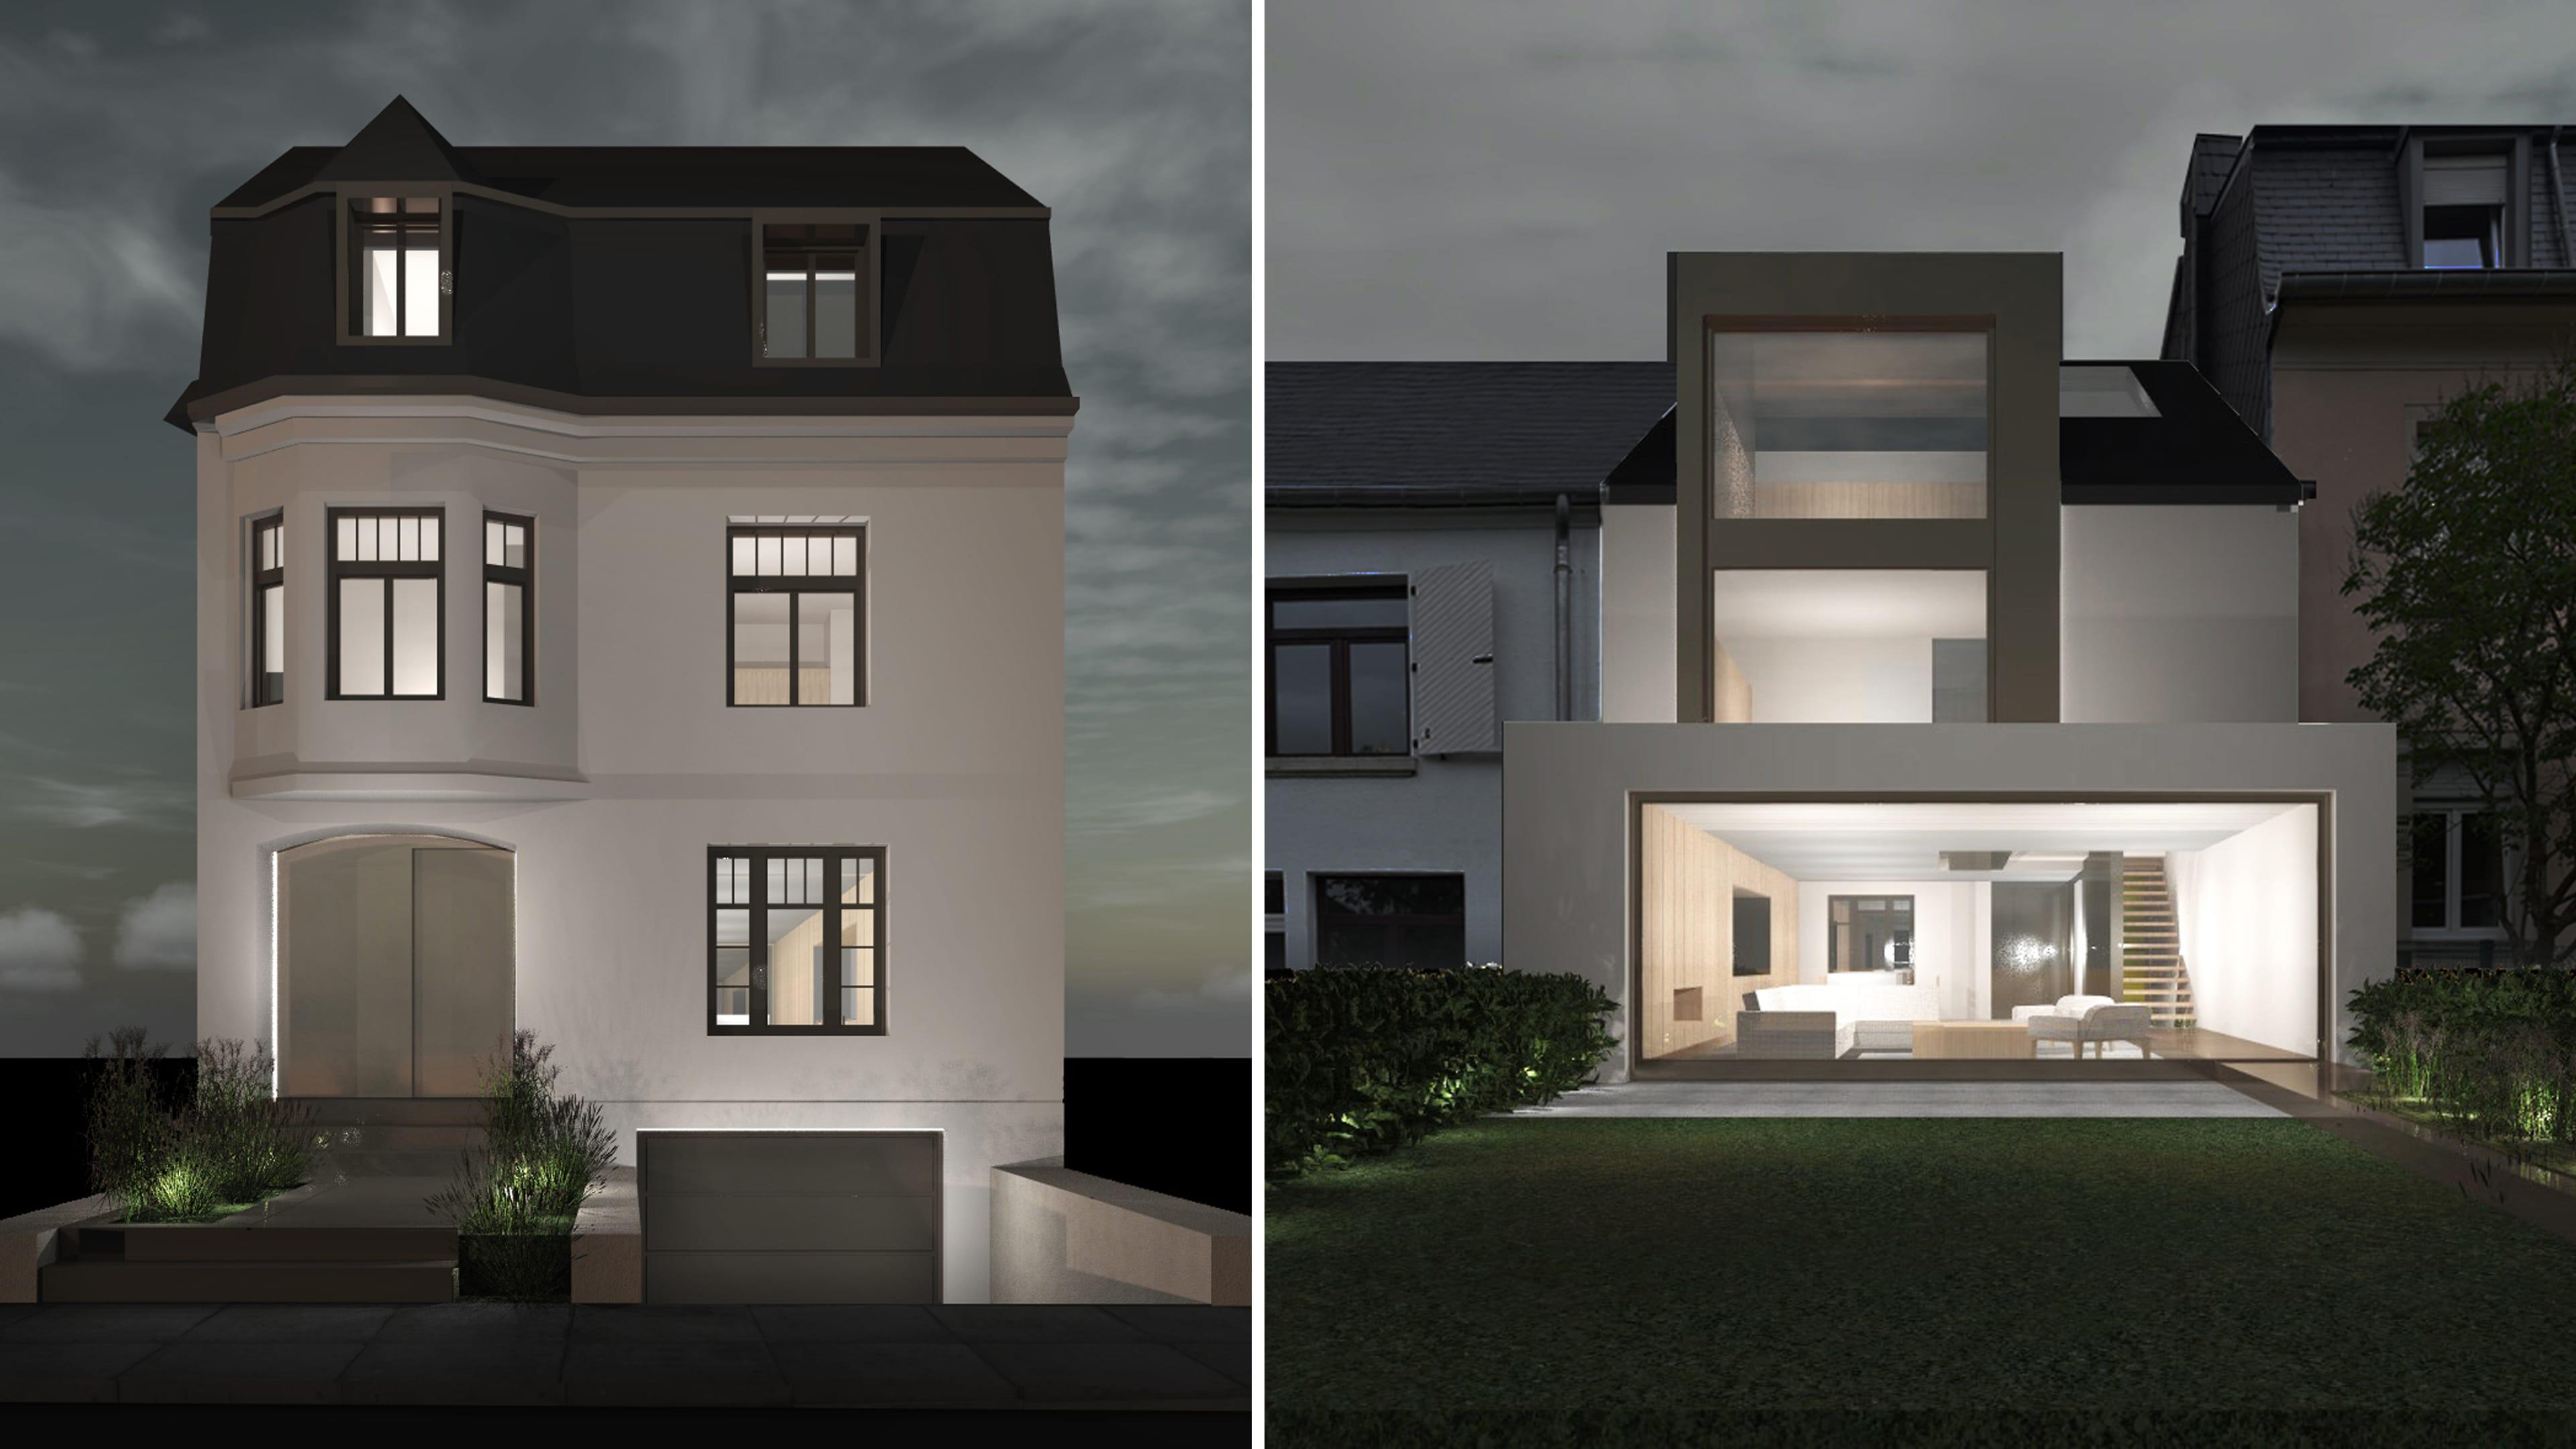 099 cfarchitectes maison extension interieur luxembourg